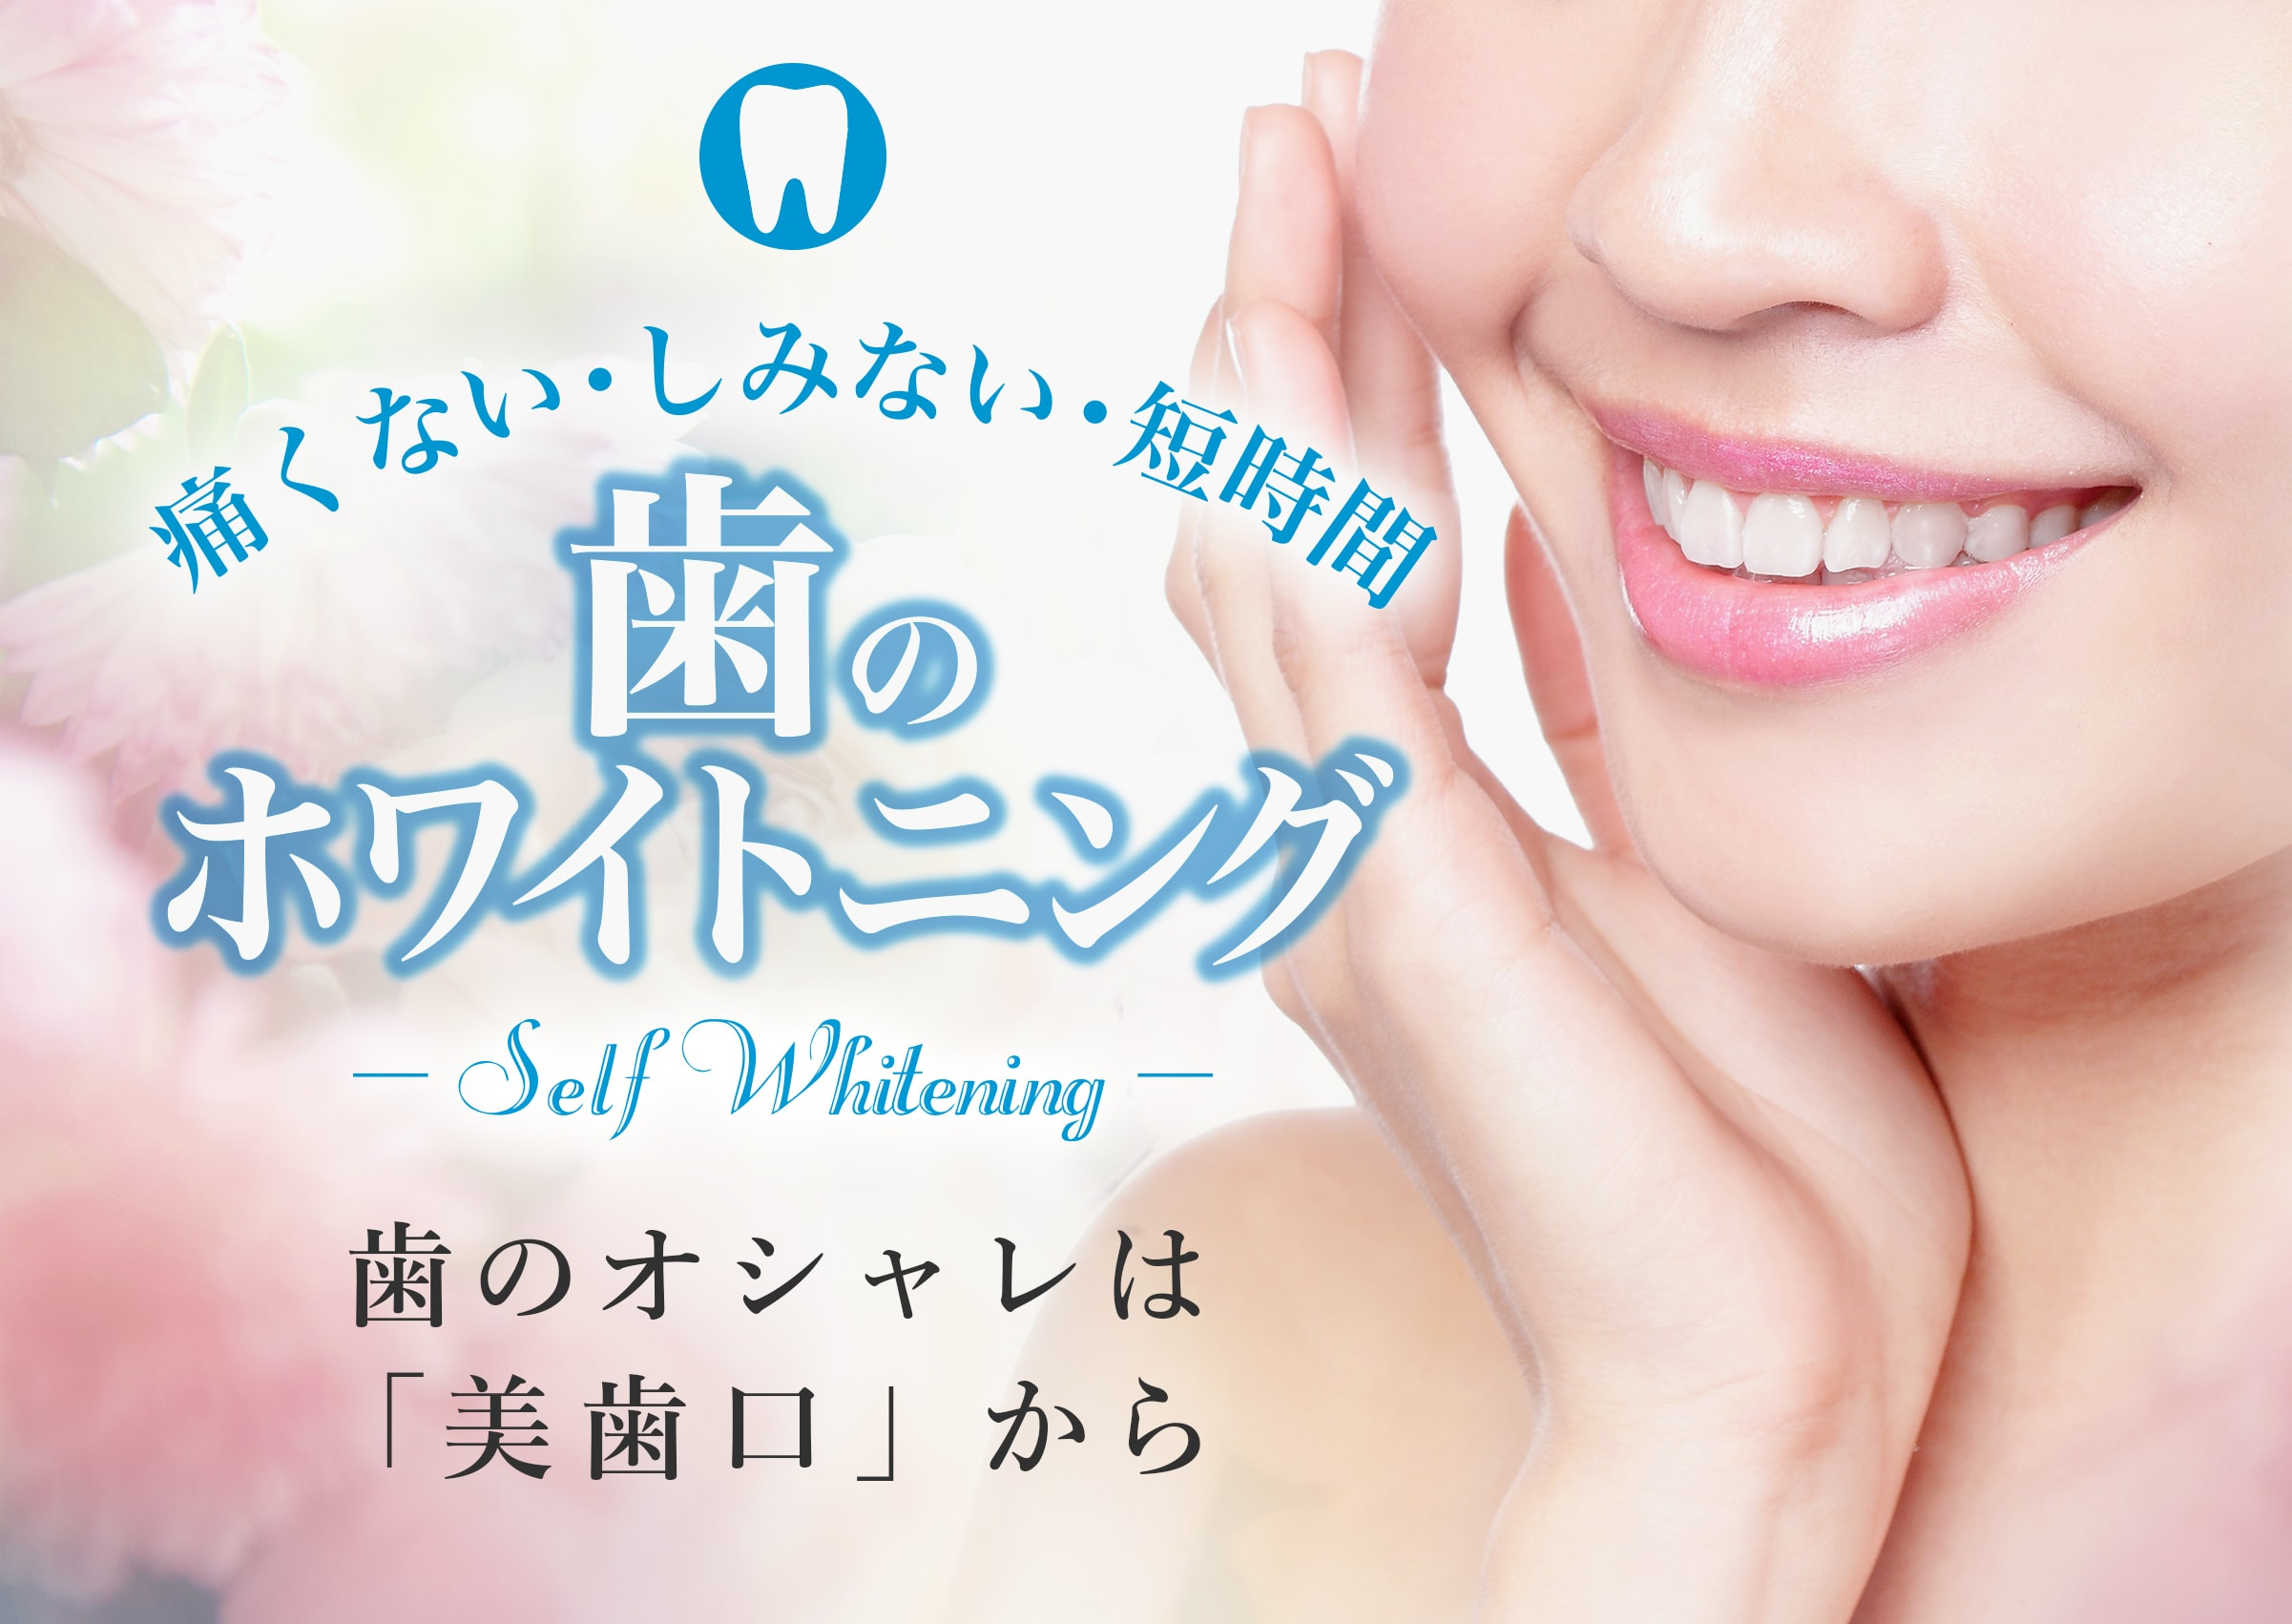 痛くない・しみない・短時間 歯のホワイトニング 歯のオシャレは美歯口(びはく)から